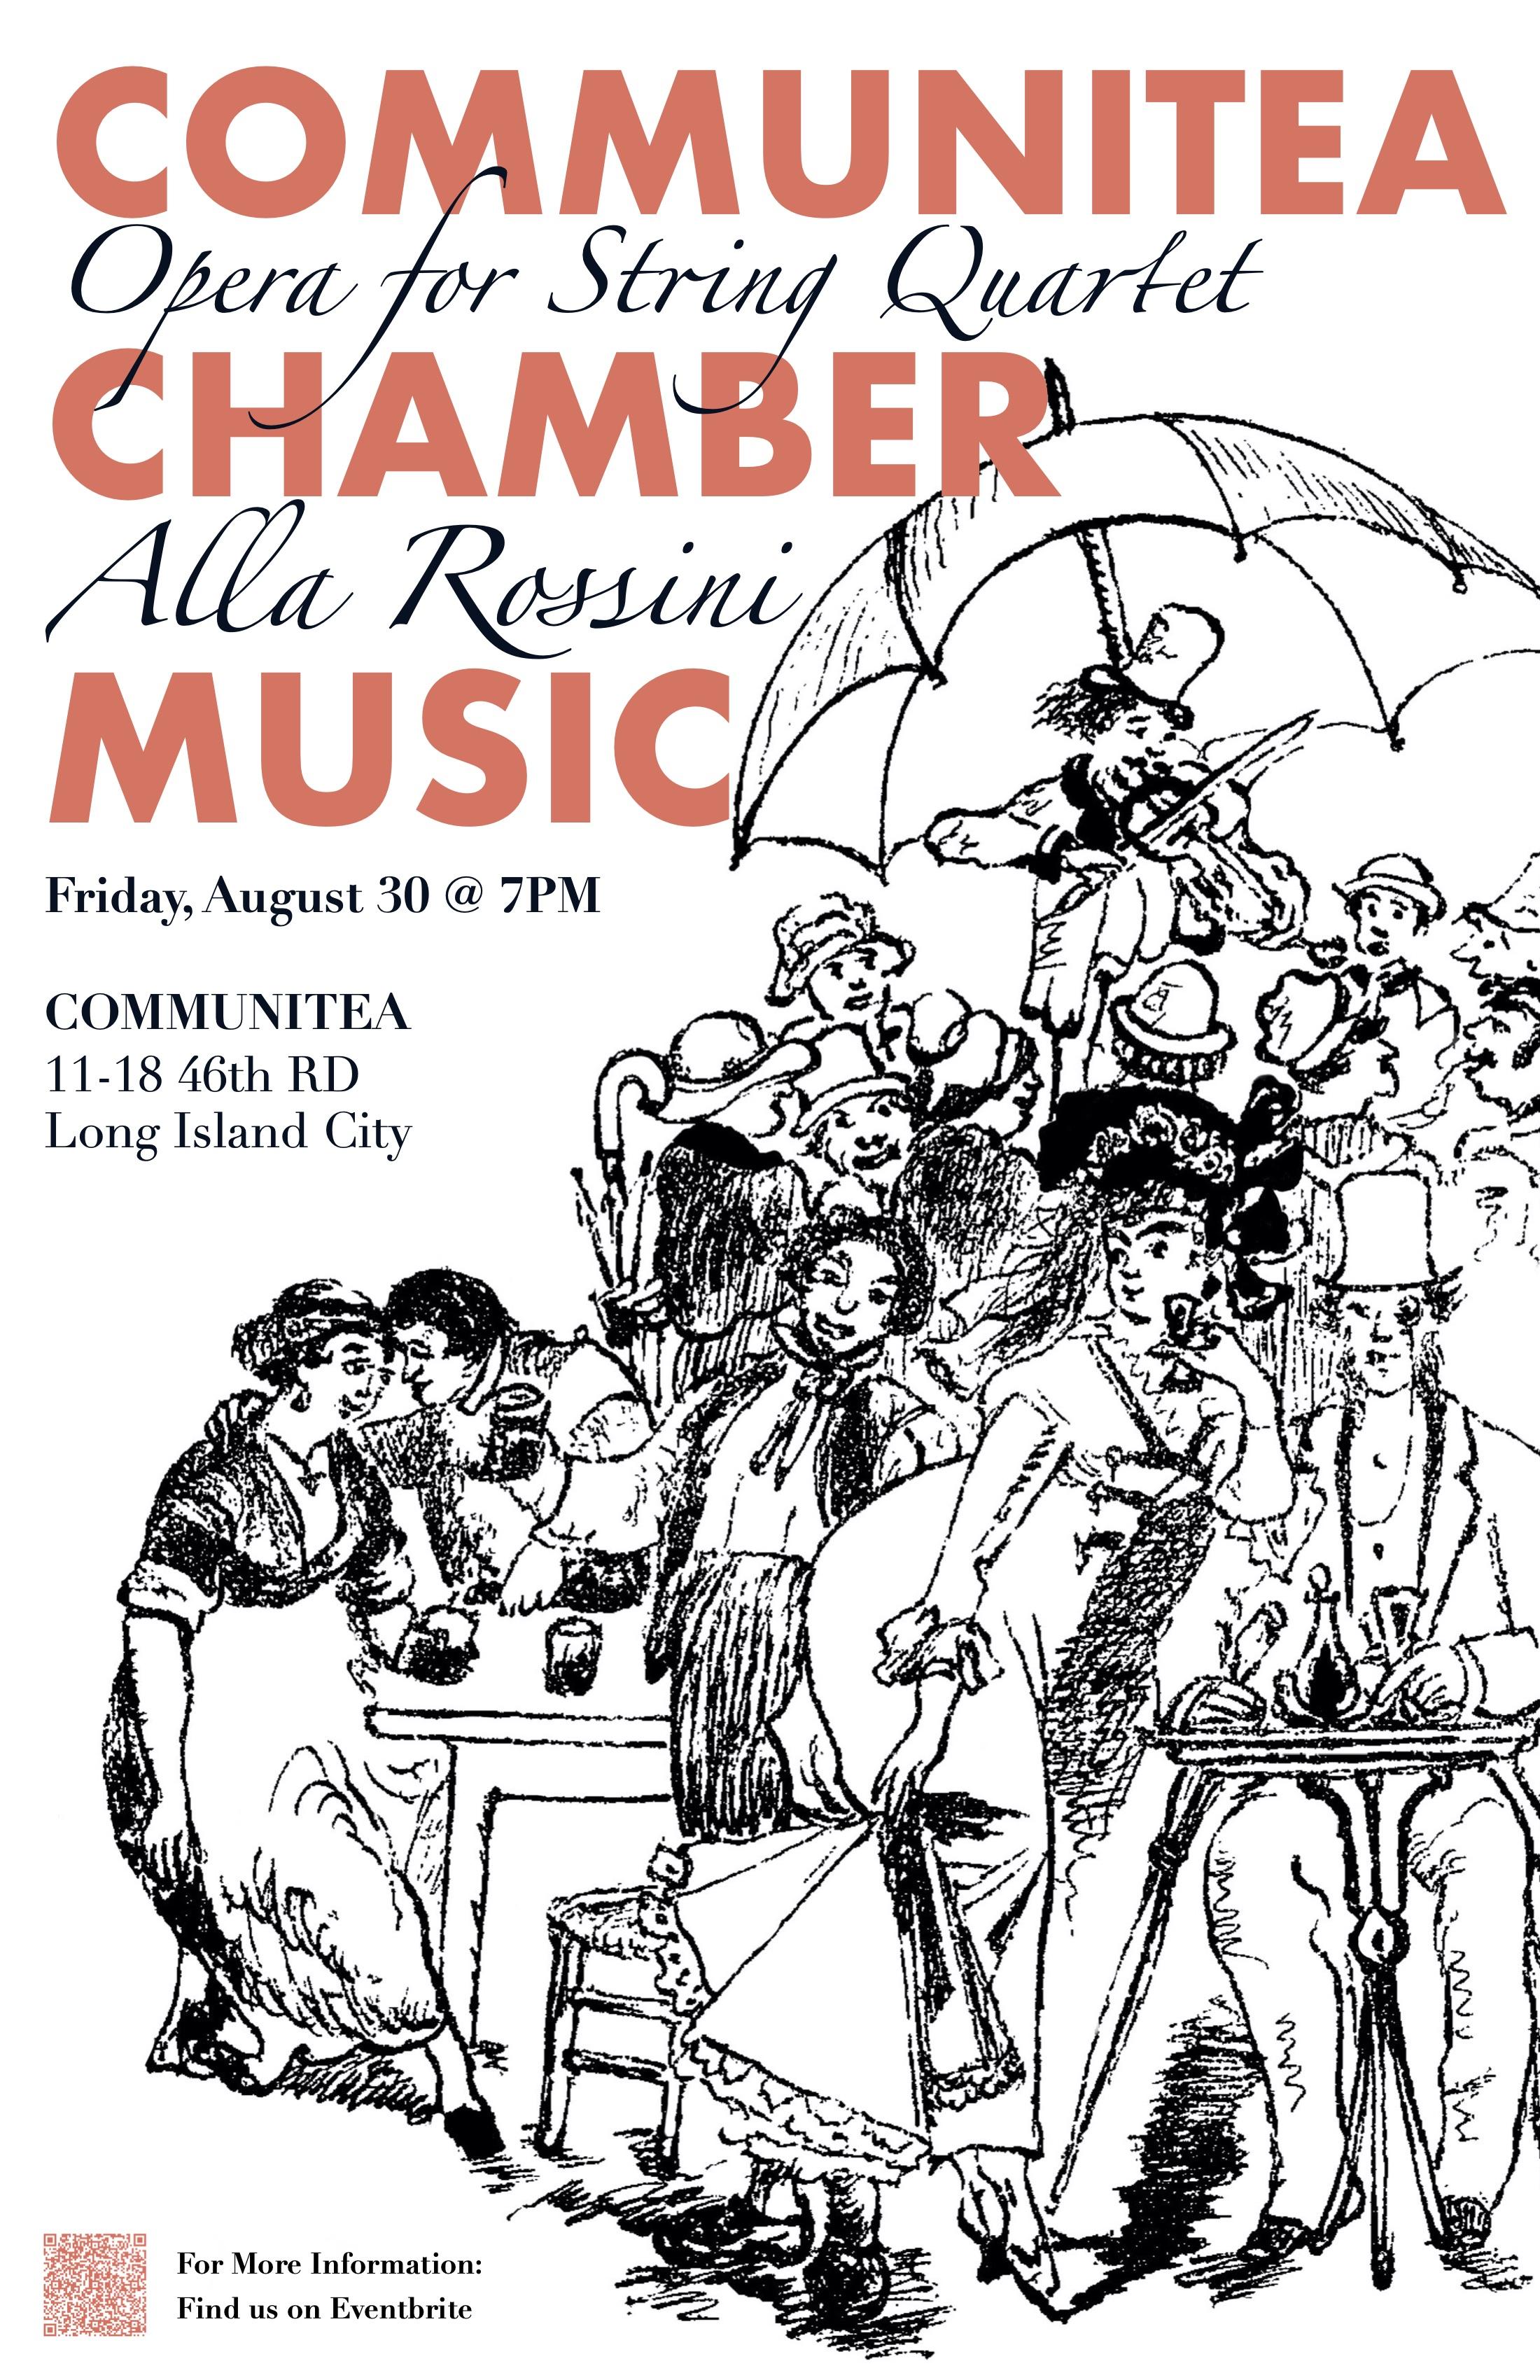 Communitea Chamber Music Poster -8:19